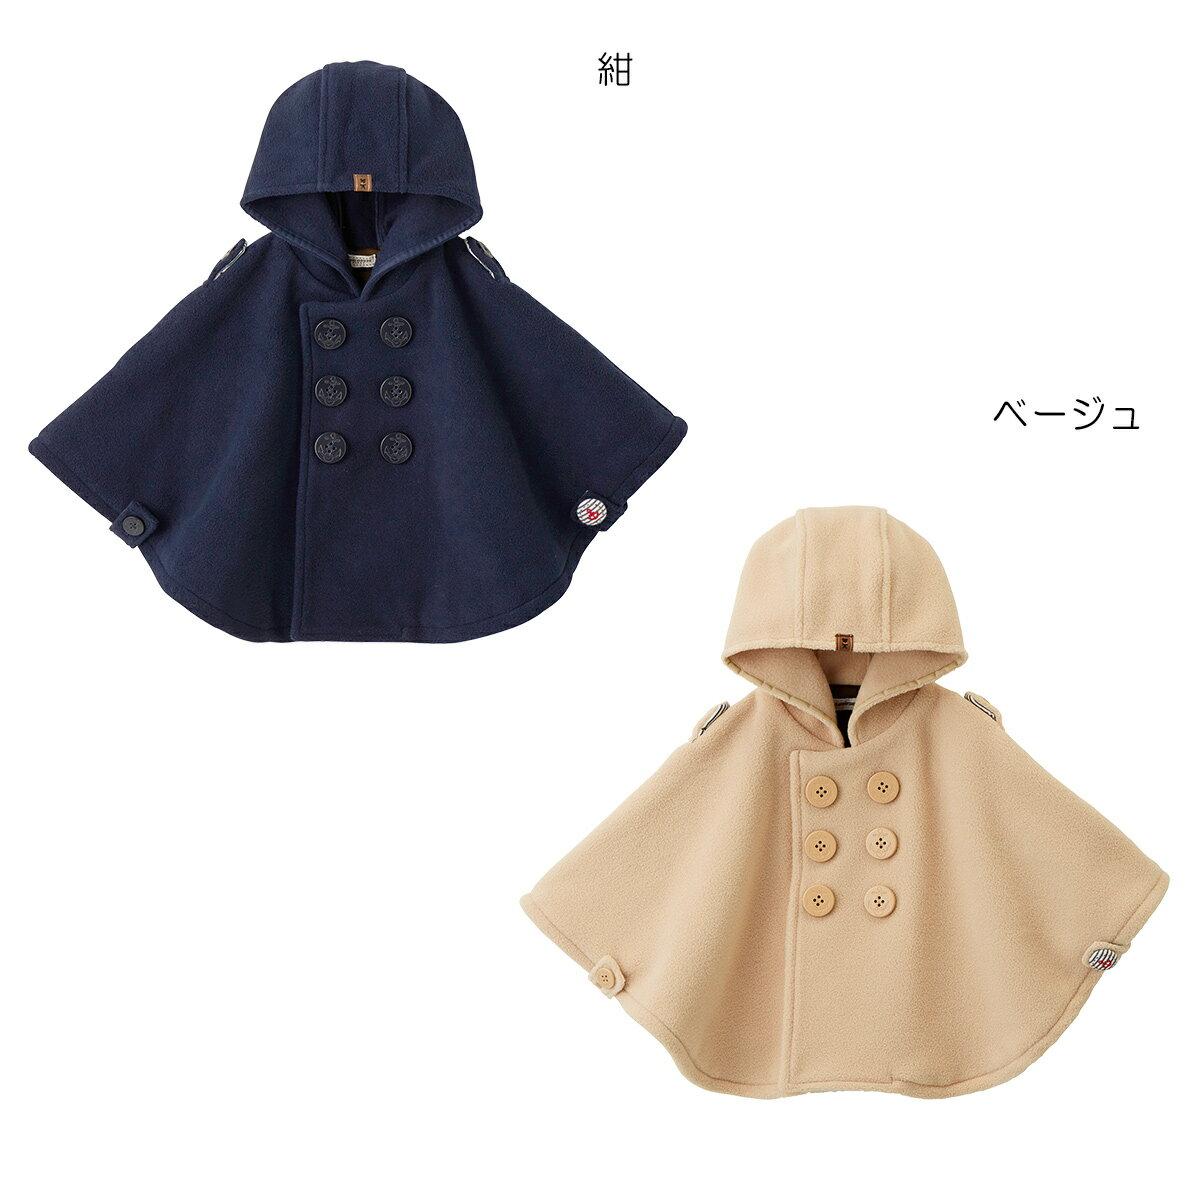 ミキハウス mikihouse ピーコート風マント〈フリー(70cm-90cm)〉